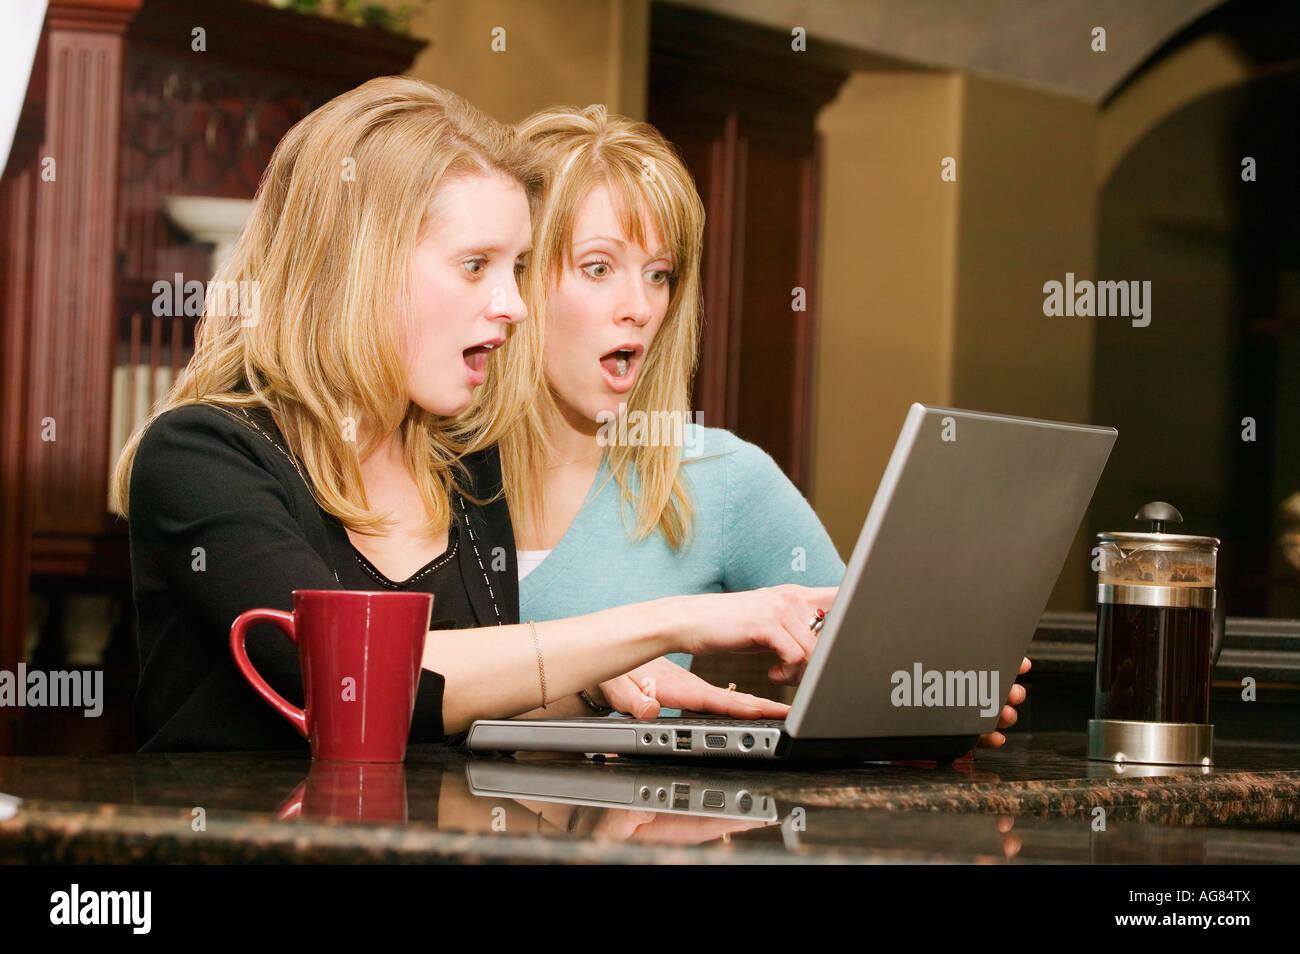 Donna con le espressioni di sorpresa che guardano un notebook Immagini Stock